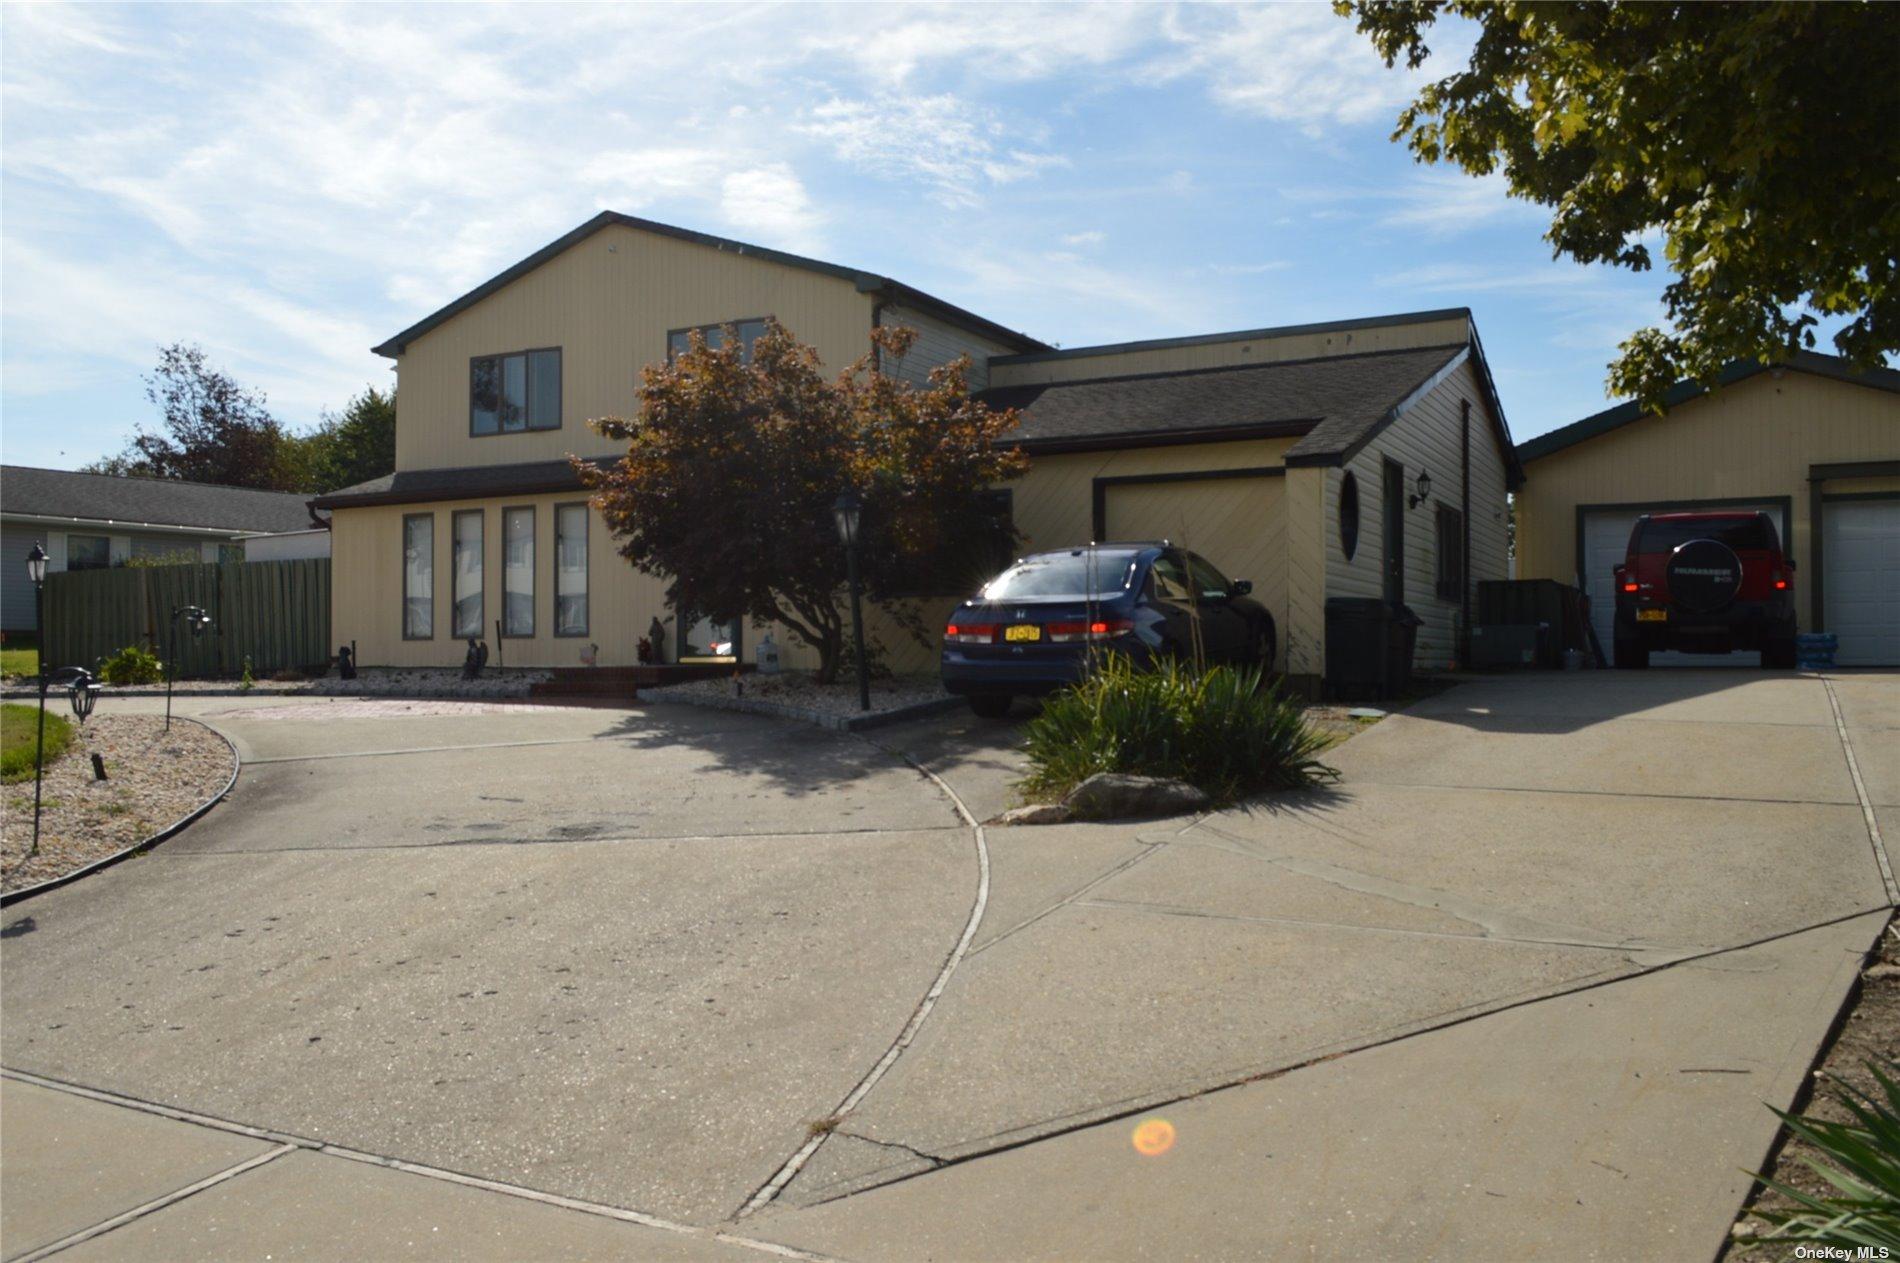 20 Strathmore Villa Drive, S. Setauket, New York11720 | Residential For Sale